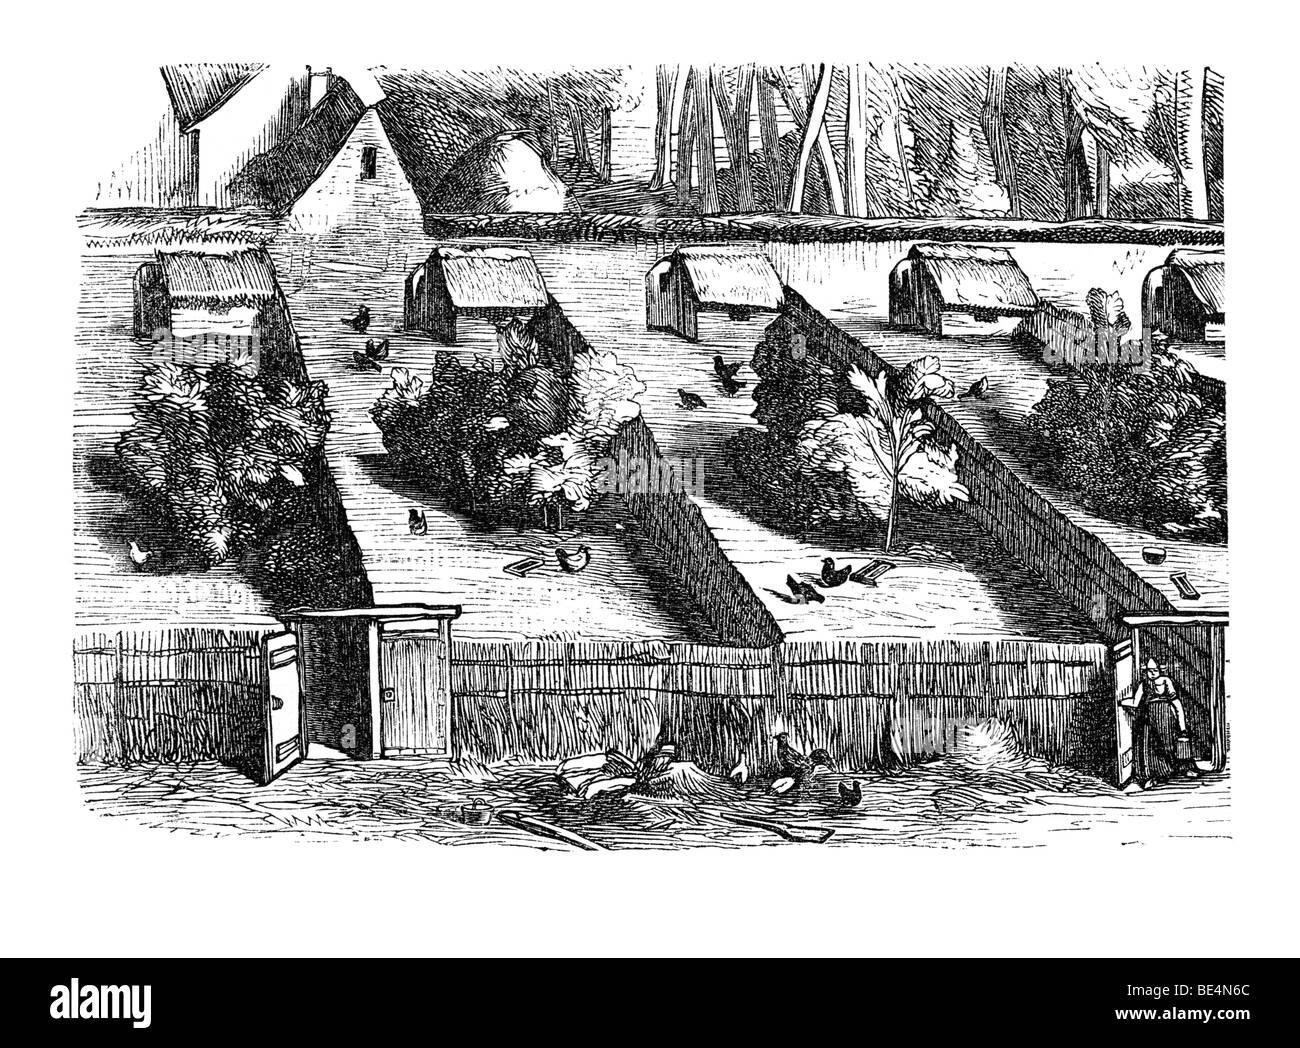 Wilhelmi's chicken farm from: Marie Adenfeller, Friedrich Werner: Illustriertes Koch- und Haushaltungsbuch, - Stock Image